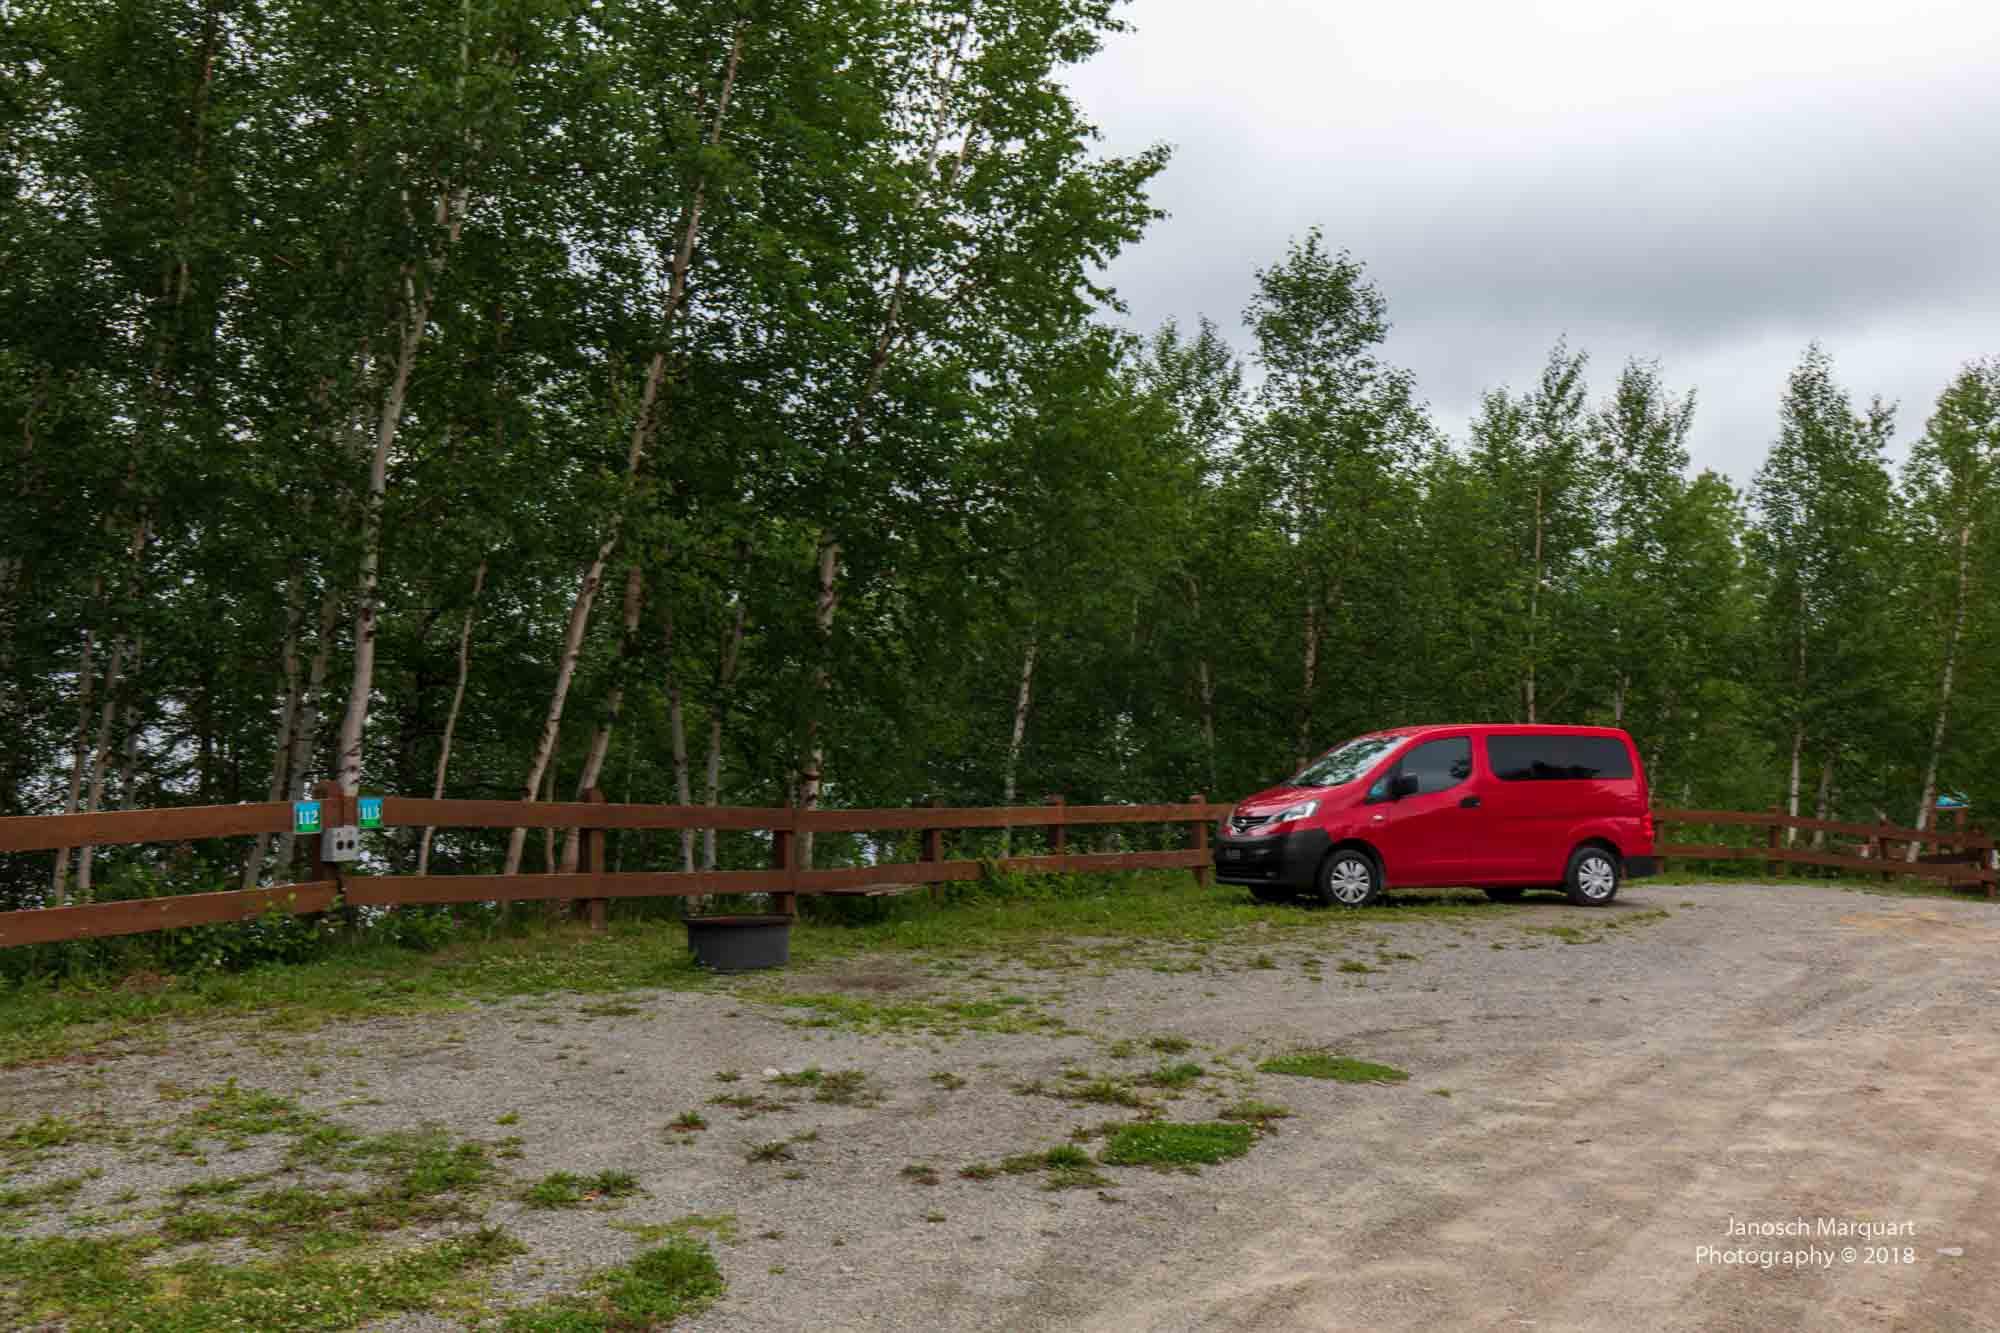 Foto eines riesigen Campingplatzes mit unserem kleinen roten Camper.